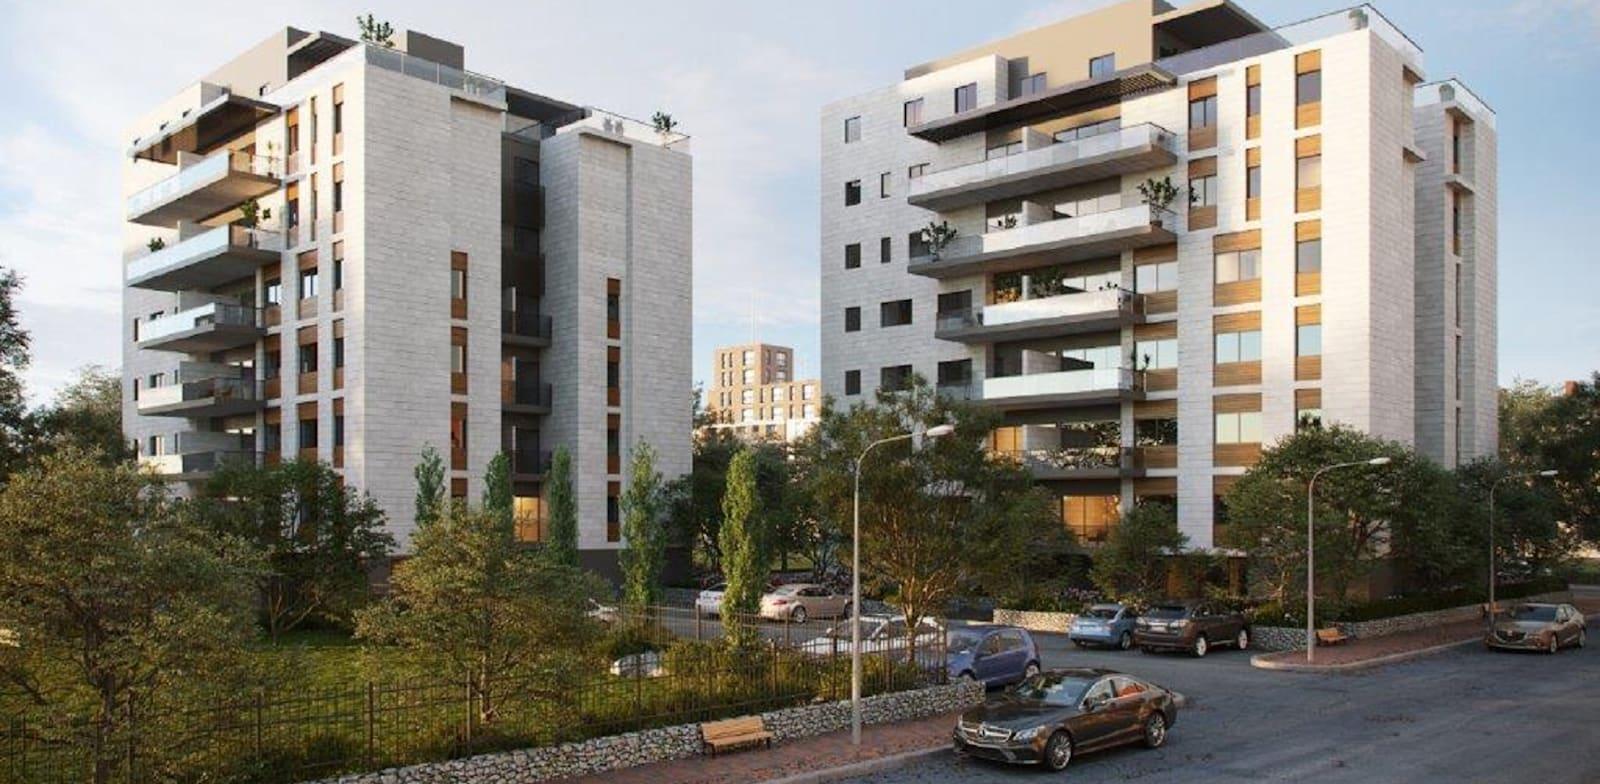 רחוב קורצ'אק 5–7, קריית אונו / צילום: זיתוני הדמיות אדריכליות